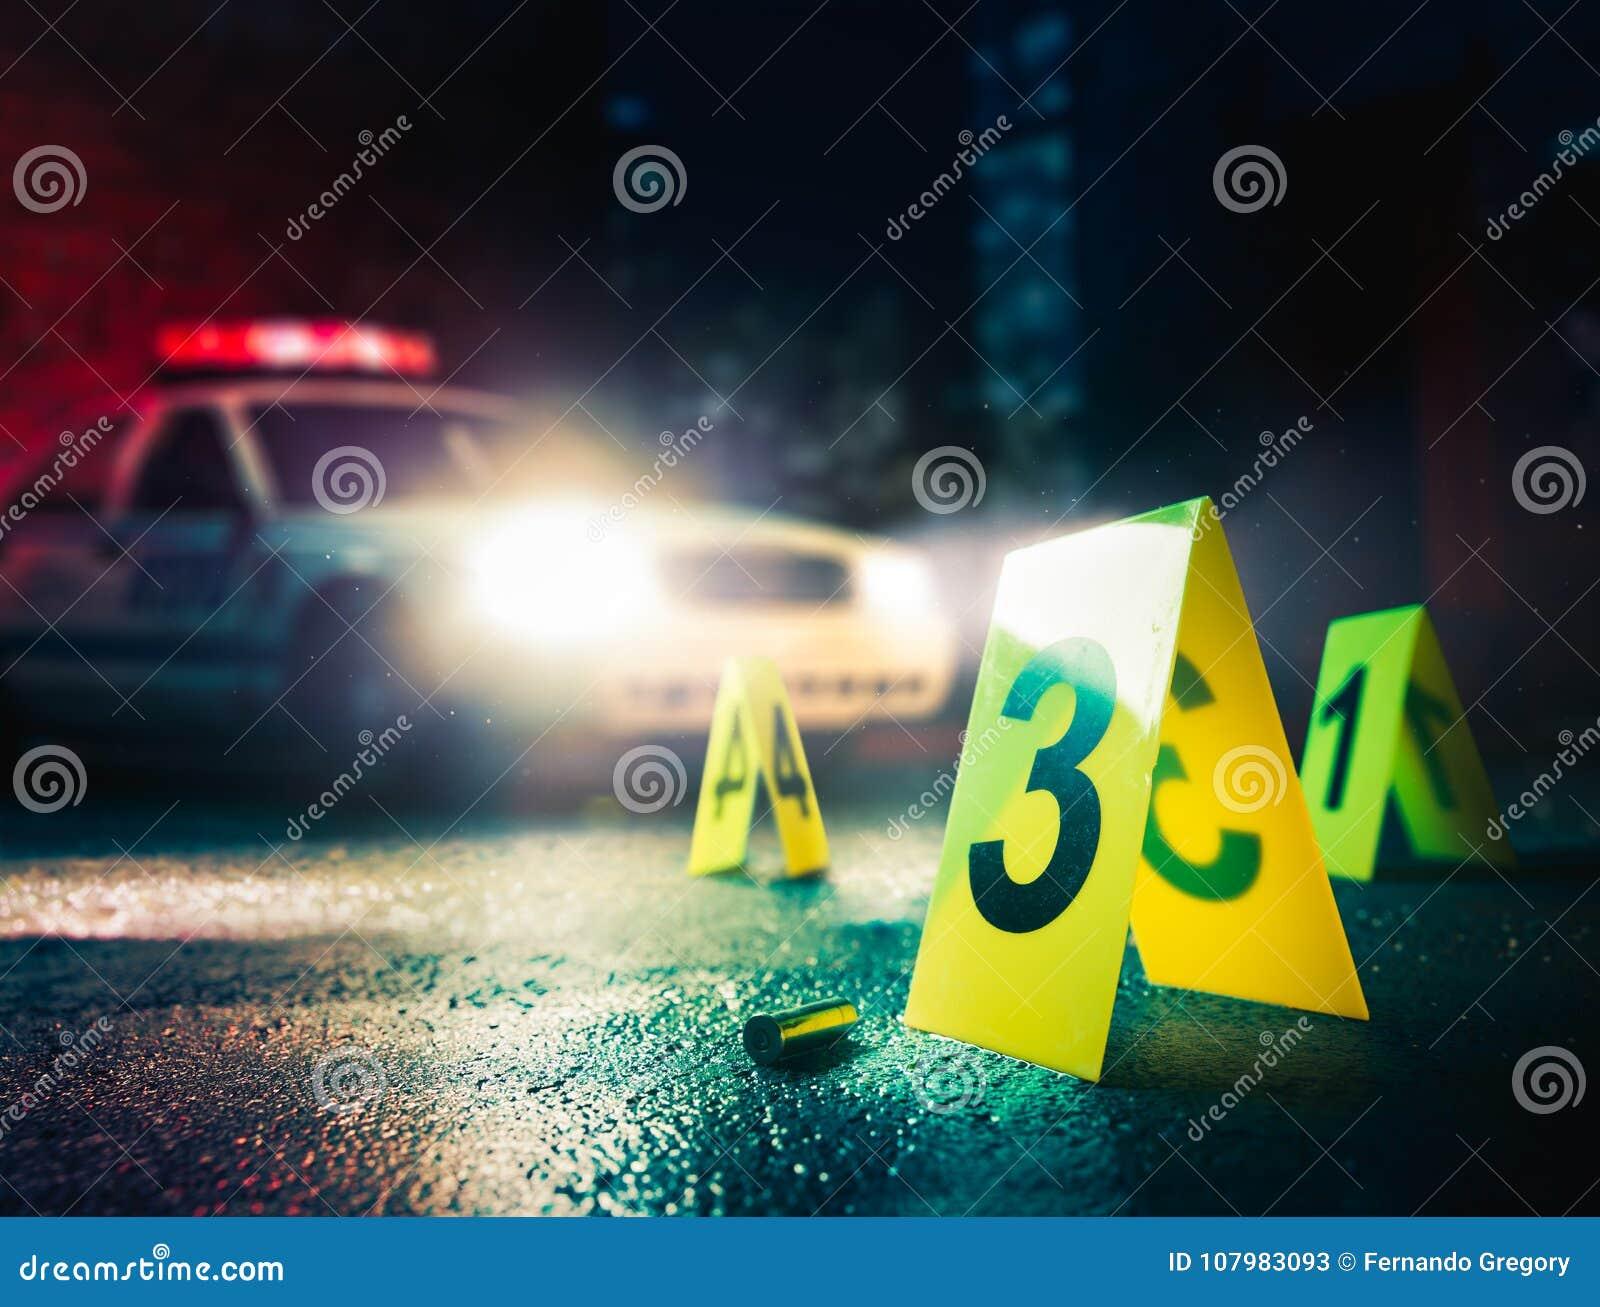 Сверхконтрастное изображение места преступления